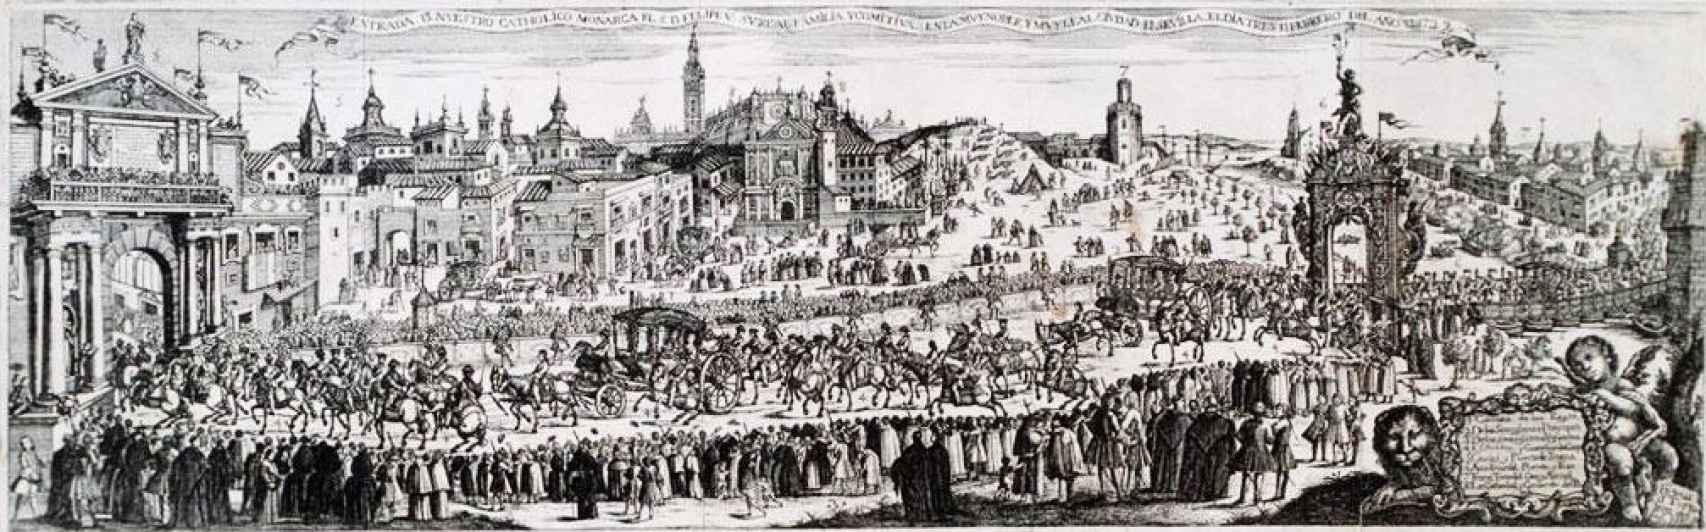 Entrada de Felipe V y su comitiva en Sevilla, según un grabado de Pedro Tortolero.